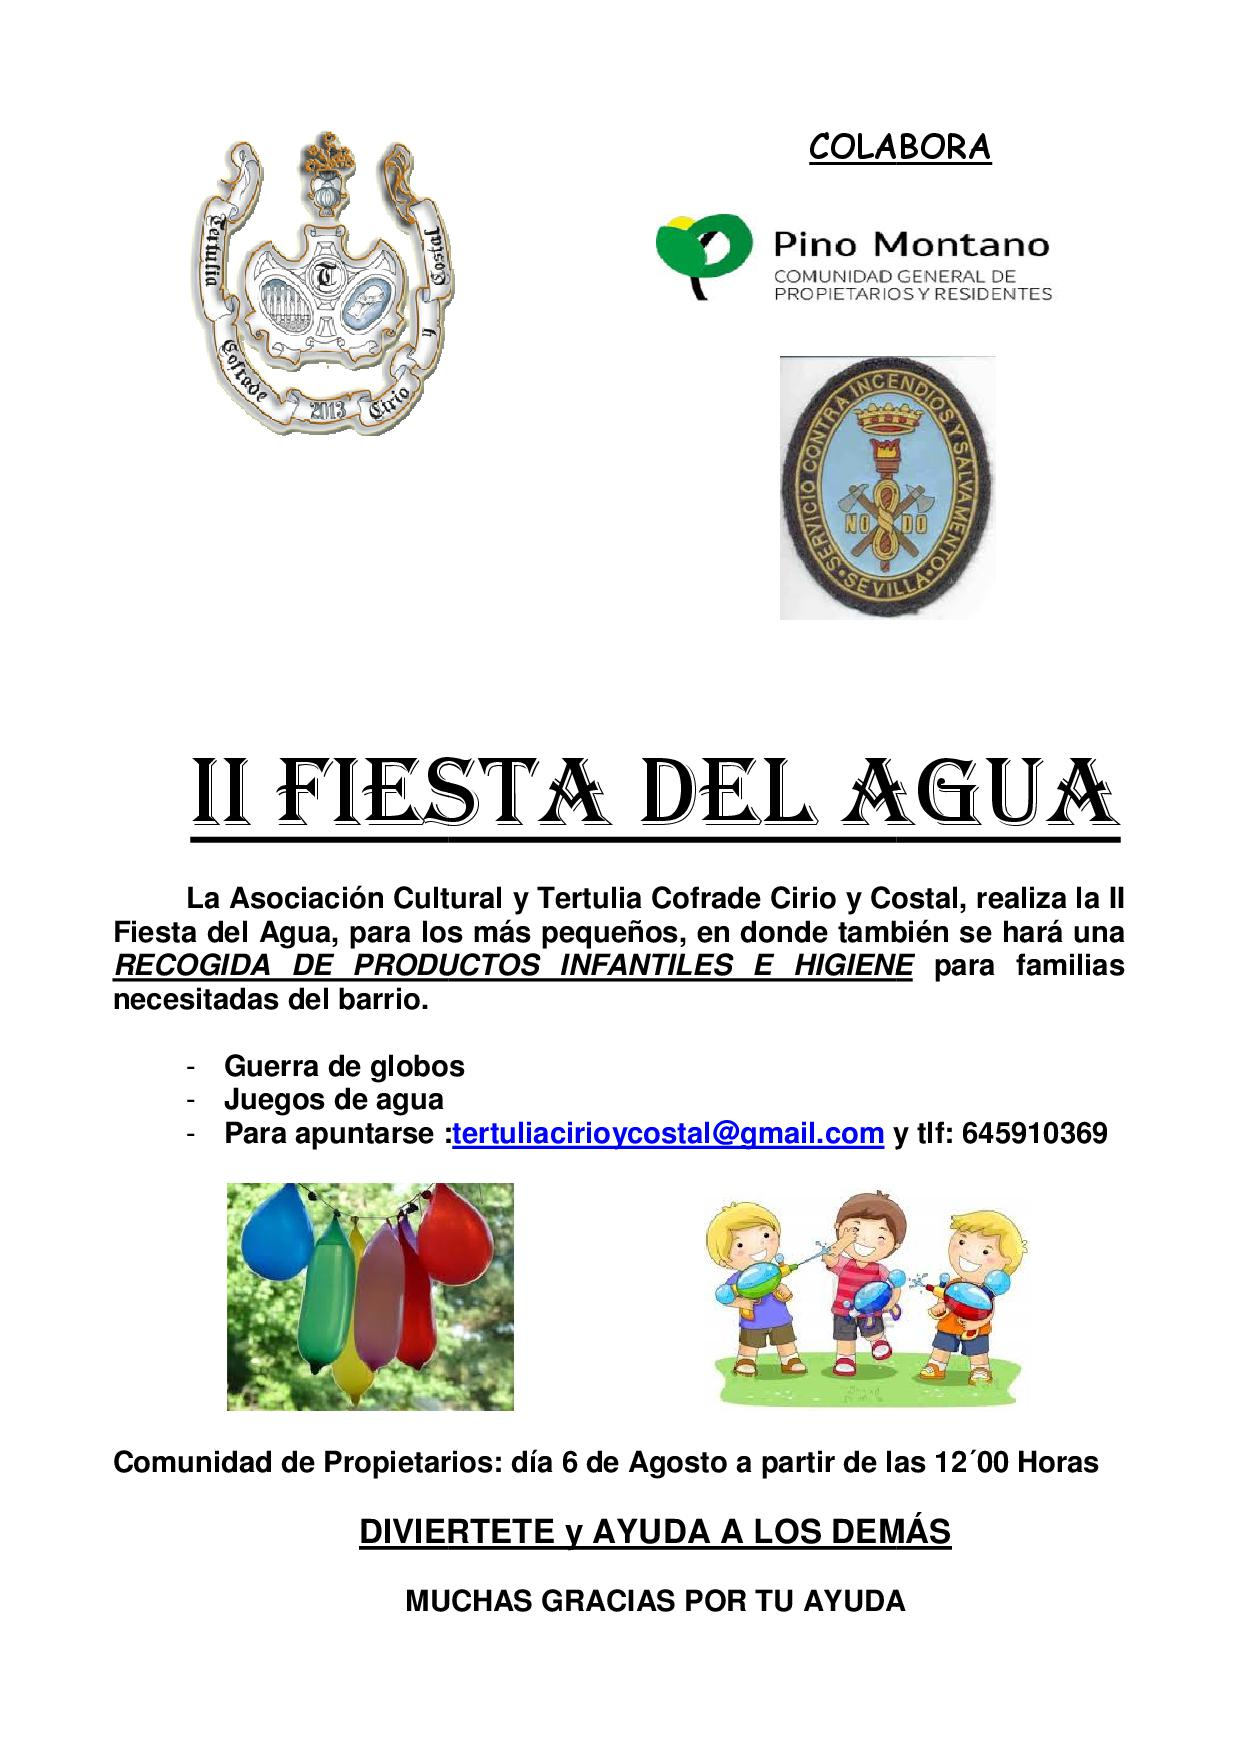 II Fiesta del Agua en la Comunidad General de Pino Montano